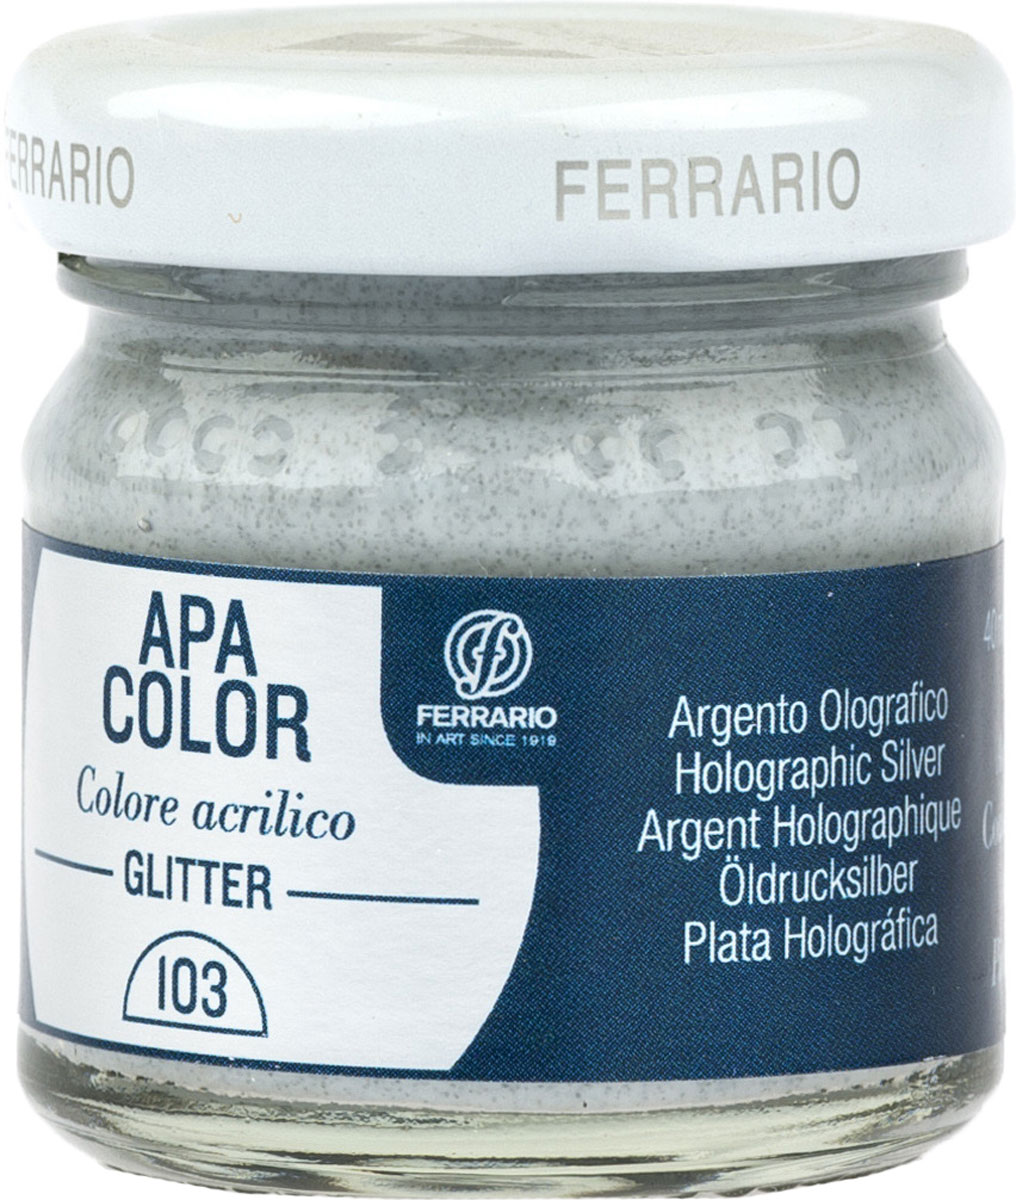 Ferrario Краска акриловая Apa Color цвет серебро глянцевое с глиттерамиBA0040В0103Акриловая краска Apa Color с глиттерами итальянской компании Ferrario на водной основе, готова к использованию. Основные качества акриловой краски Apa Color: прочность, светостойкость и экологичность. Благодаря акриловой смоле Apa Color пластична и не дает трещин. Именно поэтому краска прекрасно ложится на любые поверхности, будь то стекло, дерево или ткань, что особенно хорошо в дизайне и декоре. Она быстро сохнет, после высыхания становится водостойкой. Акриловая краска Apa Color не потускнеет со временем, ее светостойкость не позволит измениться цвету, он не выгорит на солнце и не пожелтеет. Акриловая краска Apa Color – это отличный выбор в пользу яркой живописи, так как в ее палитре только глубокие и насыщенные цвета. Из-за того, что акриловая краска Apa Color на водной основе, она почти совсем не пахнет, малотоксична – подходит для работы в помещениях, можно заниматься творчеством вместе с детьми. Акриловая краска Apa Color разводится водой, однако это не значит, что для нее нельзя использовать специальные растворители и медиумы, предназначенные для акриловых красок – в этом случае сохраняется высокая пигментированность, но объем краски увеличивается и появляется возможность создания различных фактур и эффектов. Акриловую краску Apa Color легко наносить кистью, шпателем, валиком.